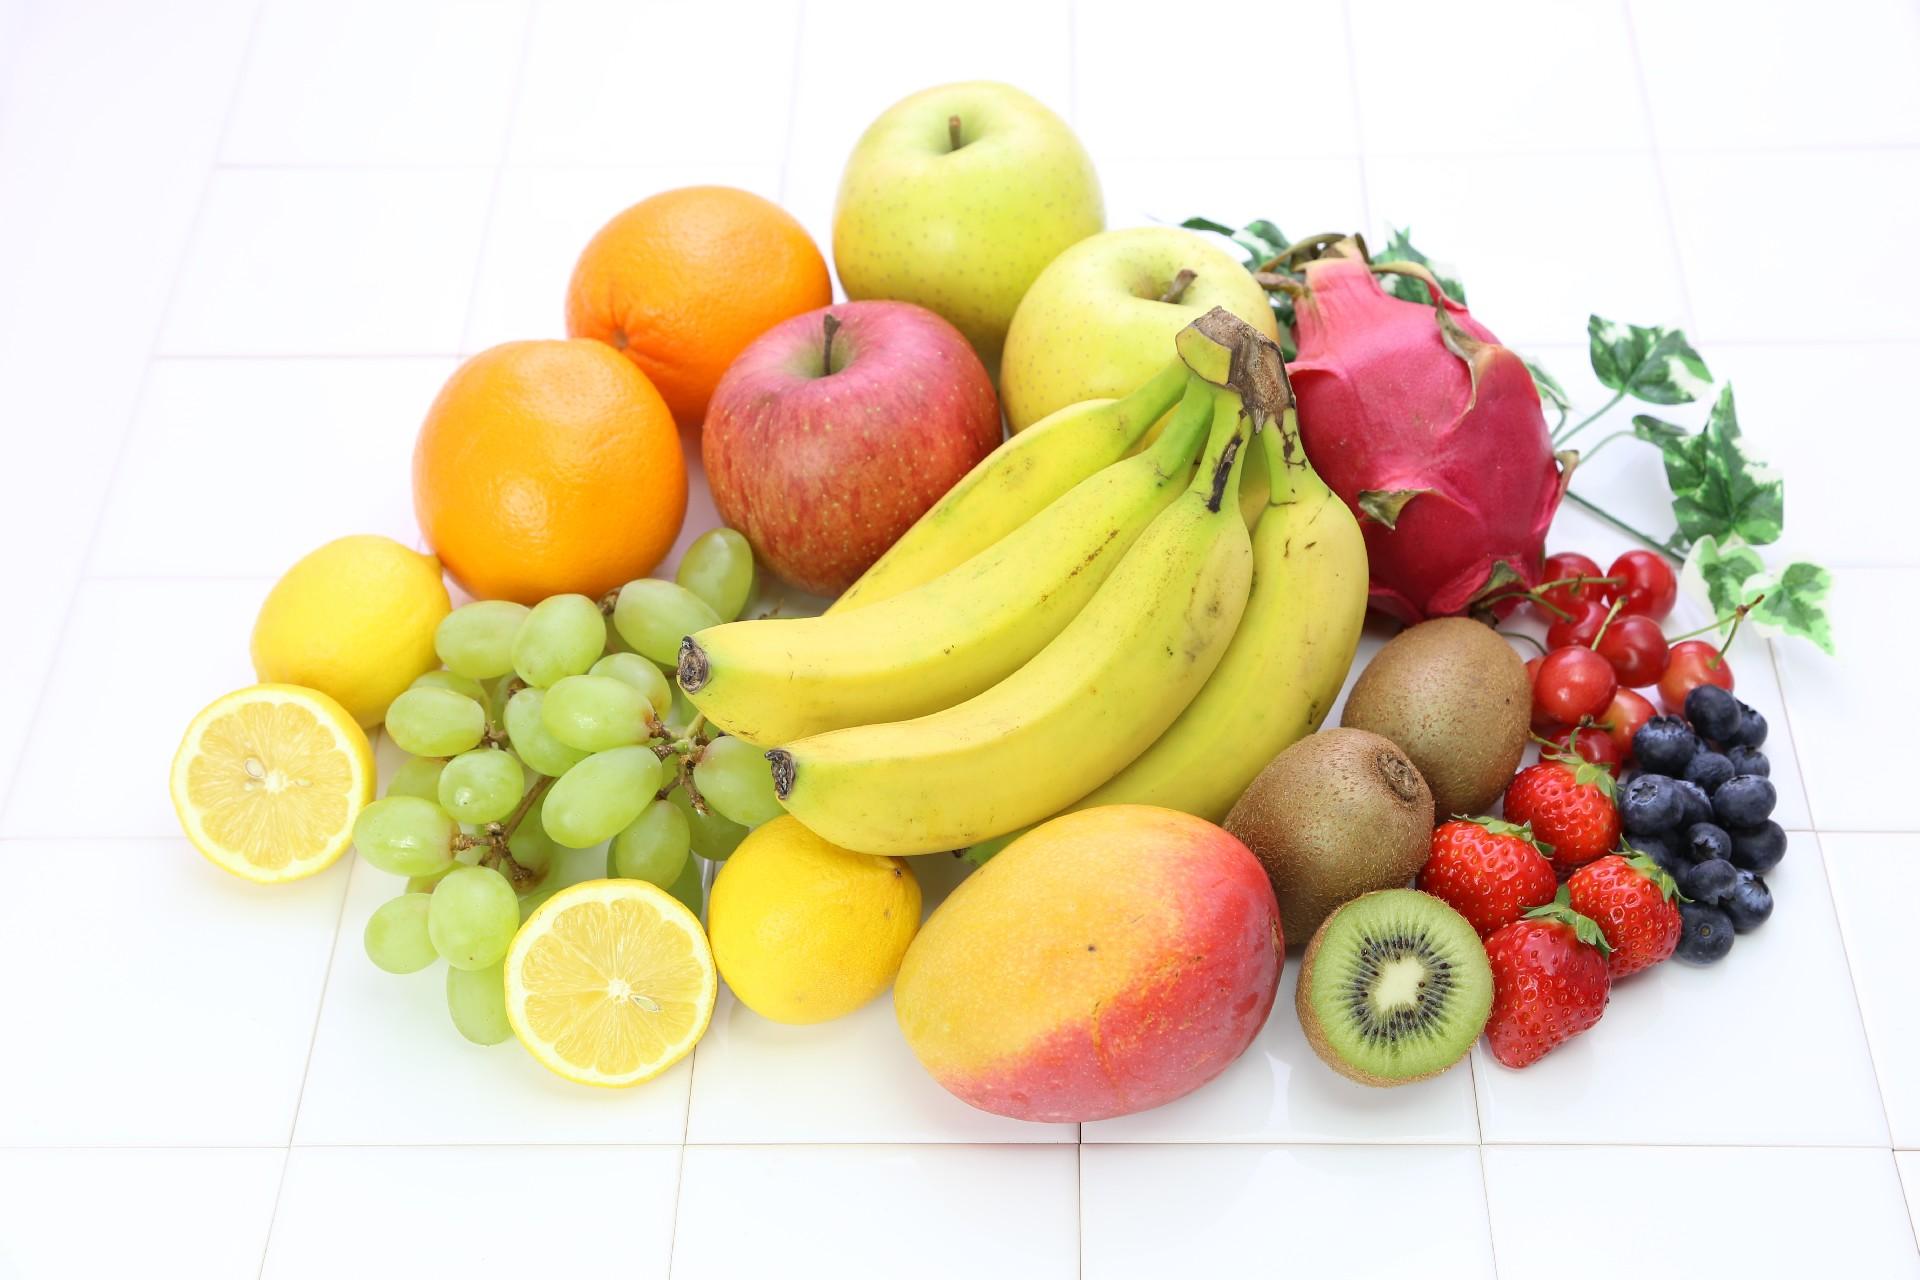 果物は食べても大丈夫?知っておきたい糖尿病と食べ物の関係のサムネイル画像